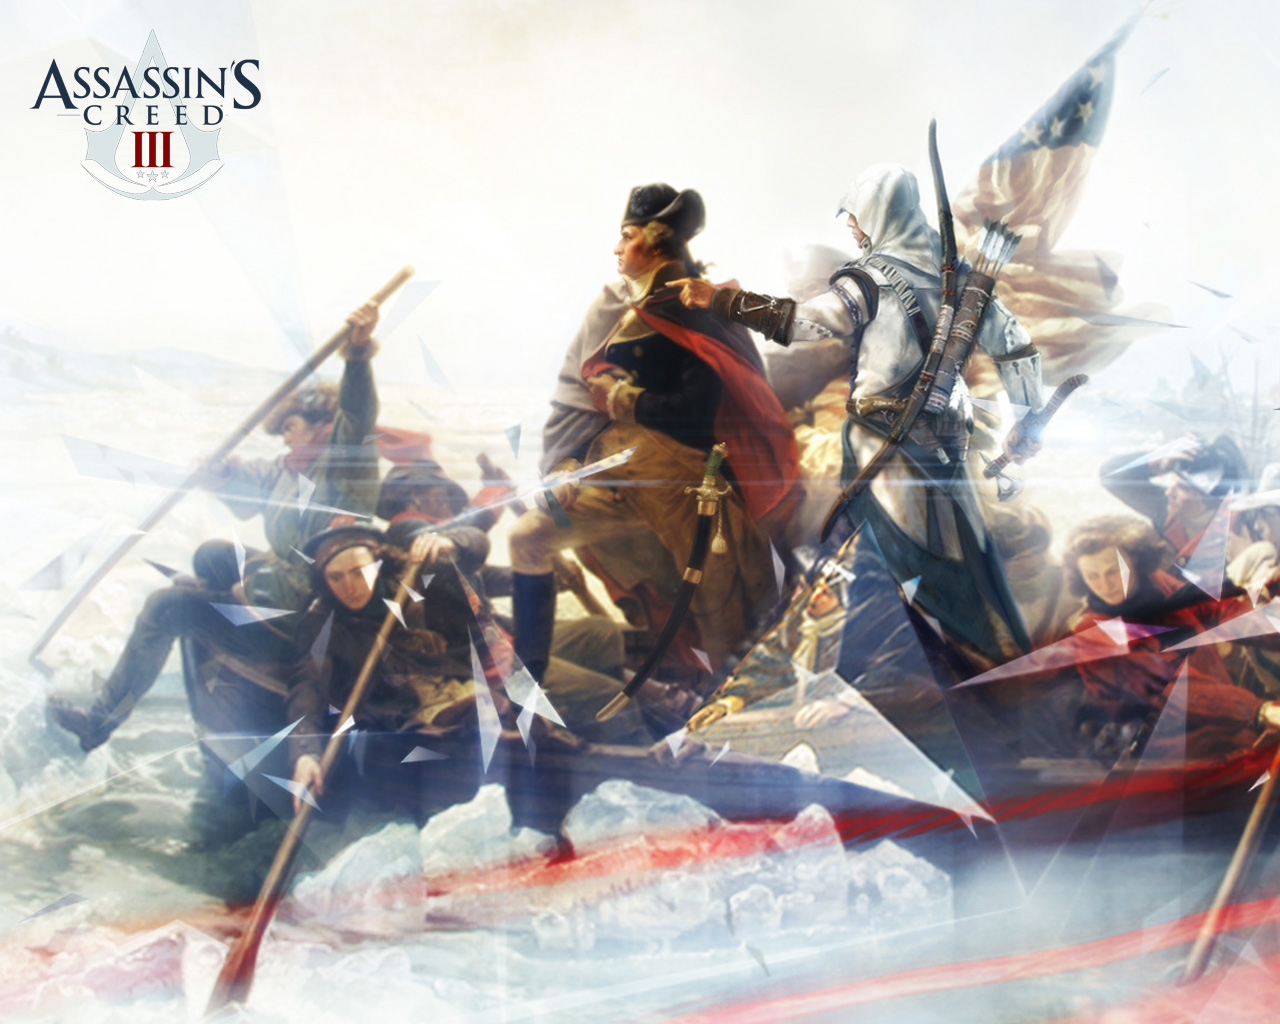 Assassins Creed III Wallpaper in 1280x1024 1280x1024